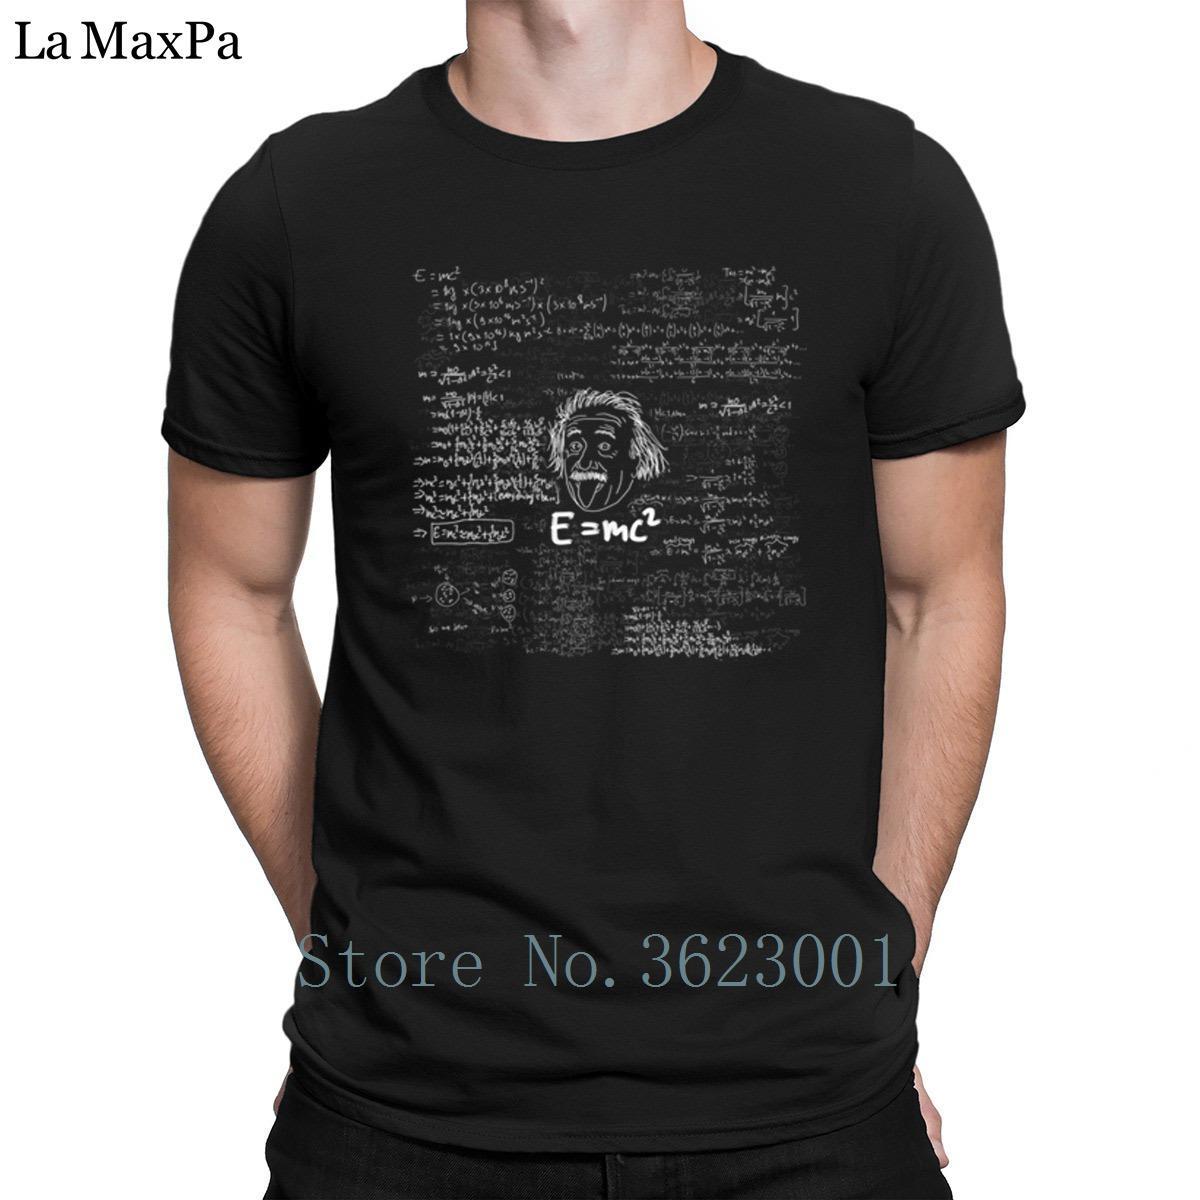 Вязаный рубашка тройник солнечного света для мужчины Е = мс2 мужчины футболка большой верхний тройник футболки для мужская футболка лучше футболка s-размер 3XL новинка